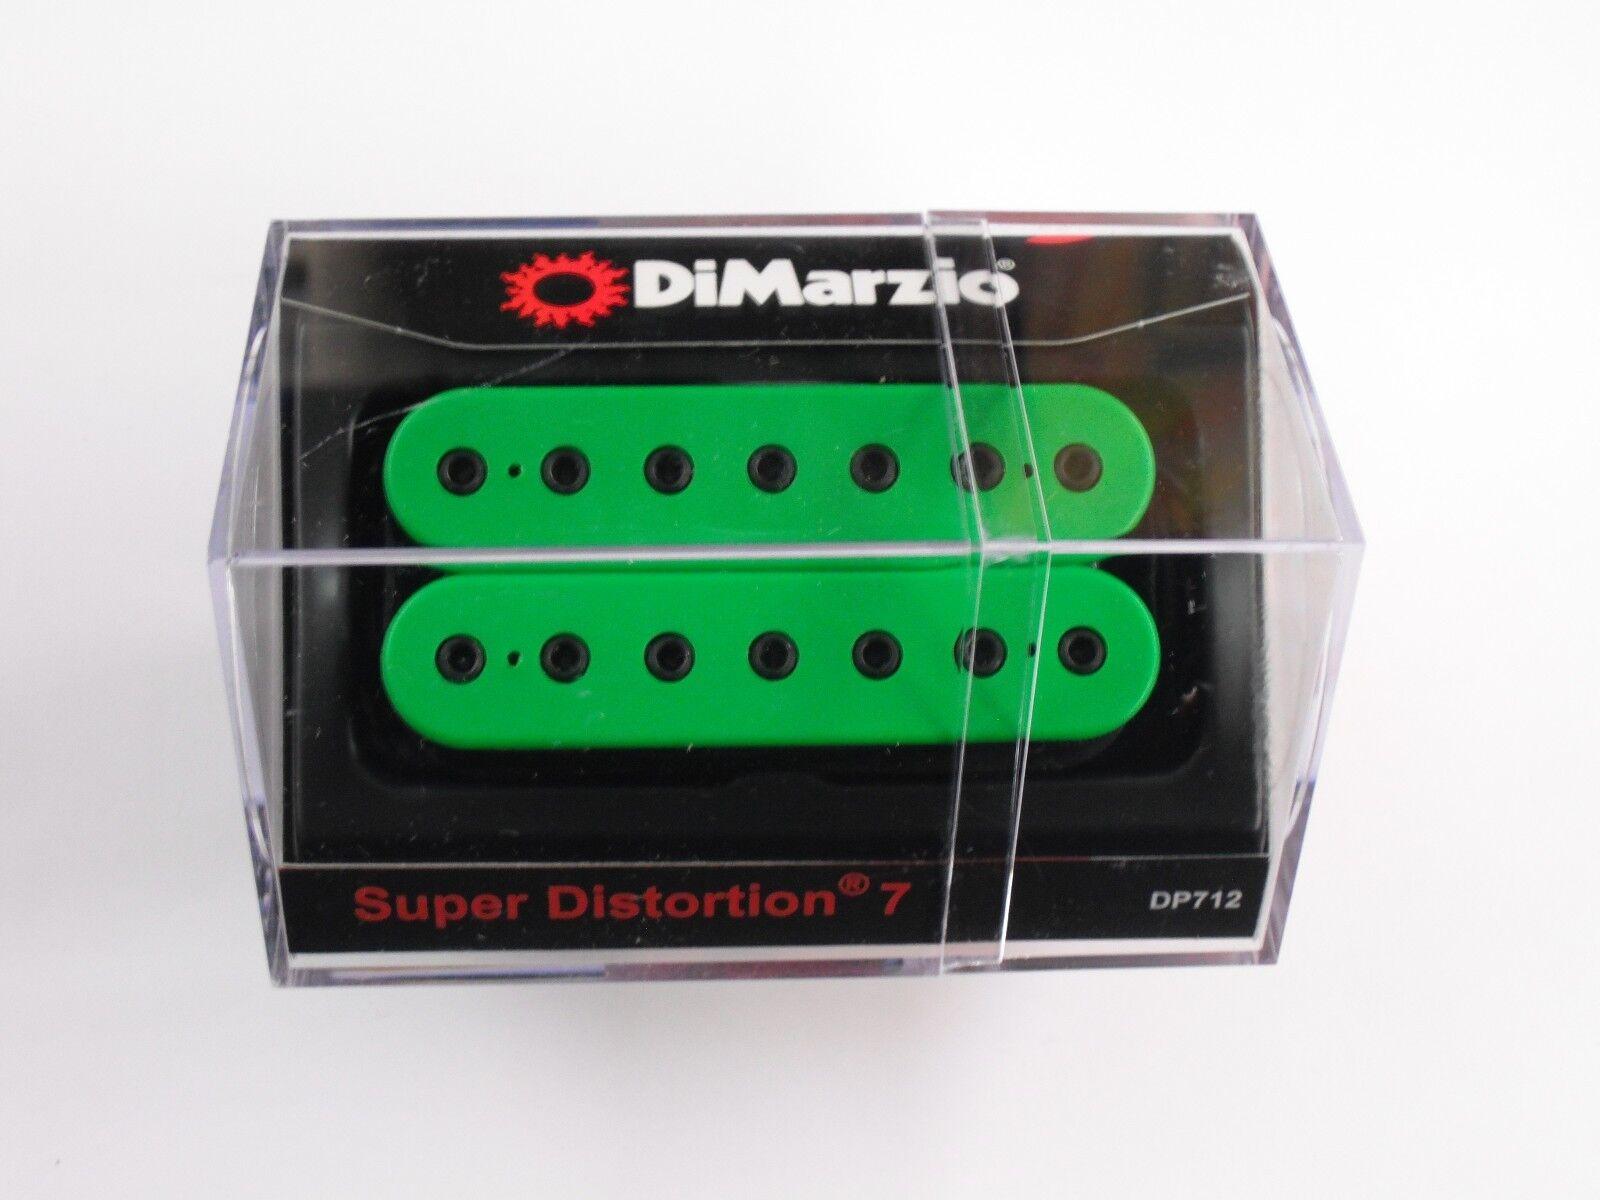 DiMarzio Super Distortion 7 Cuerdas Puente Puente Puente Humbucker verde con postes DP Negro 712 9b2f8f